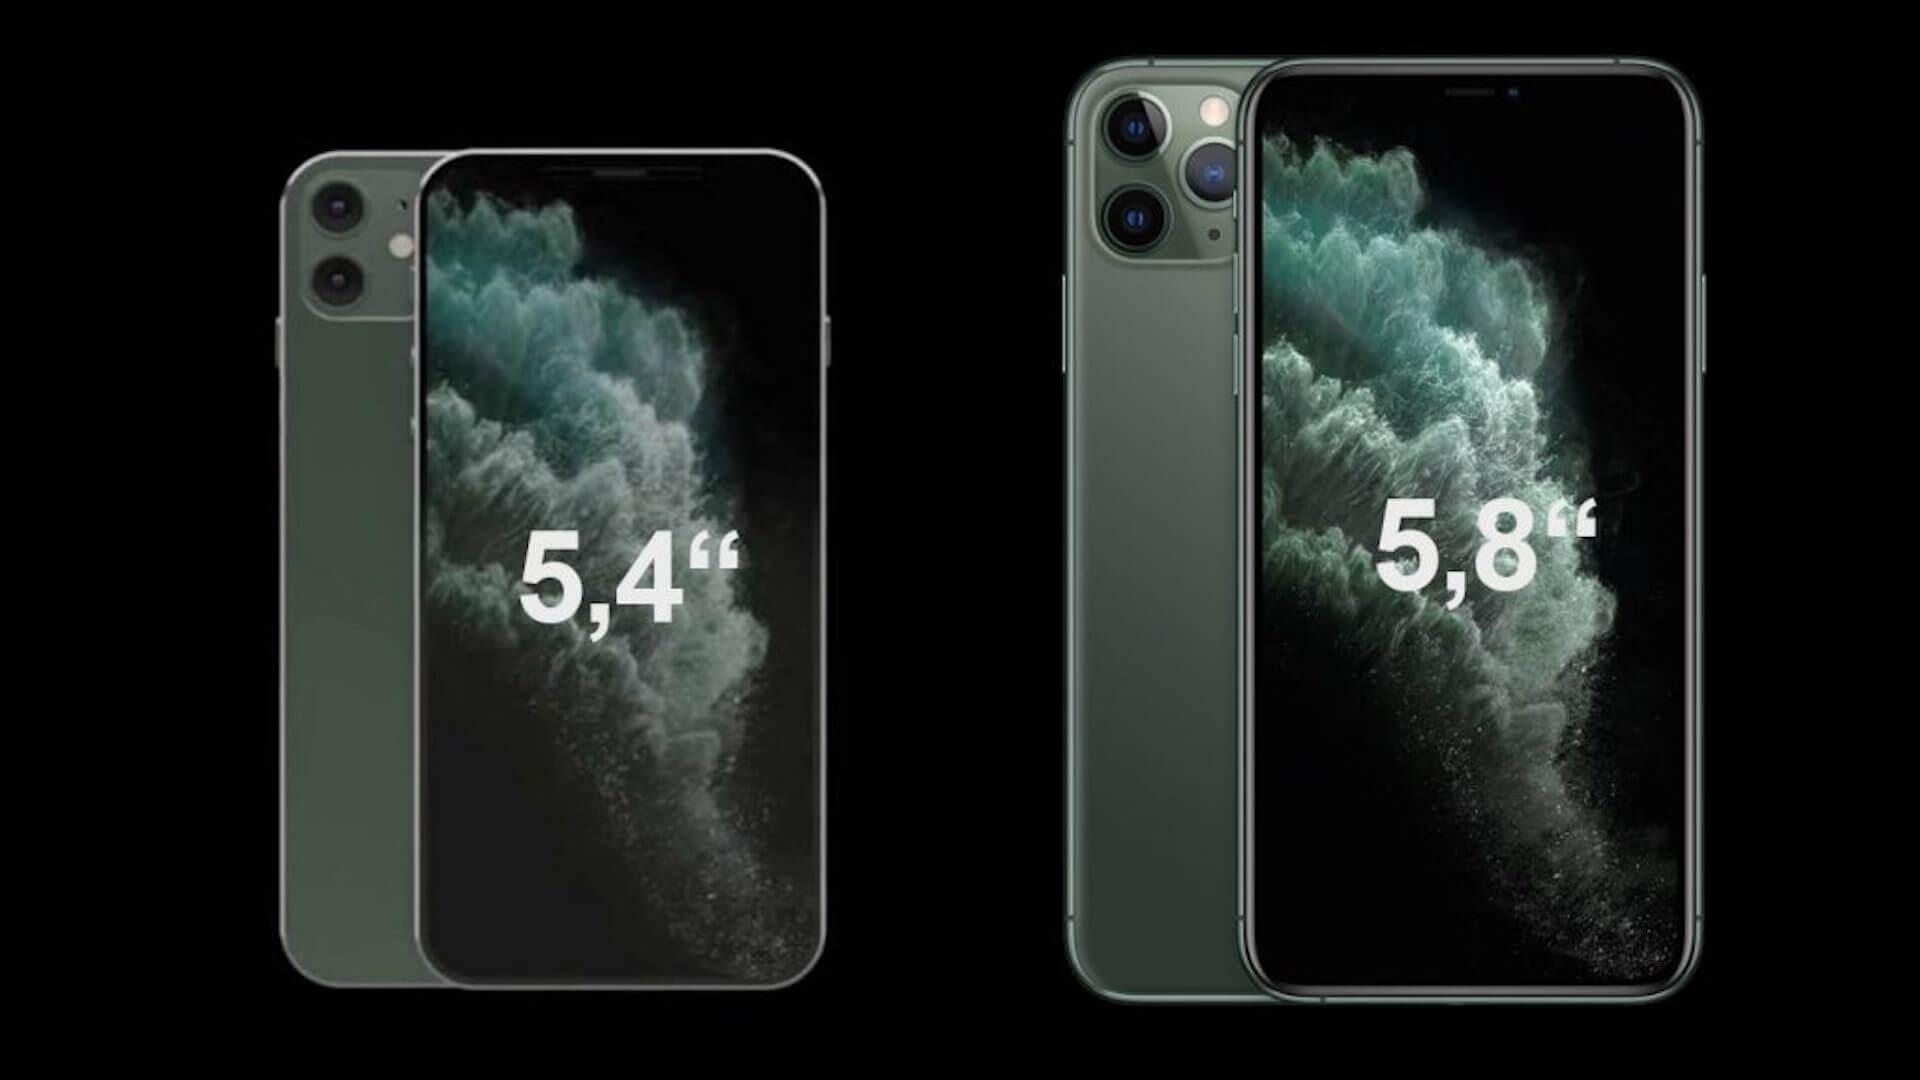 iPhone 12 miniのサイズはこれぐらい?iPhone 11 Proとの比較レンダリング画像が公開 tech200519_iphone12_1